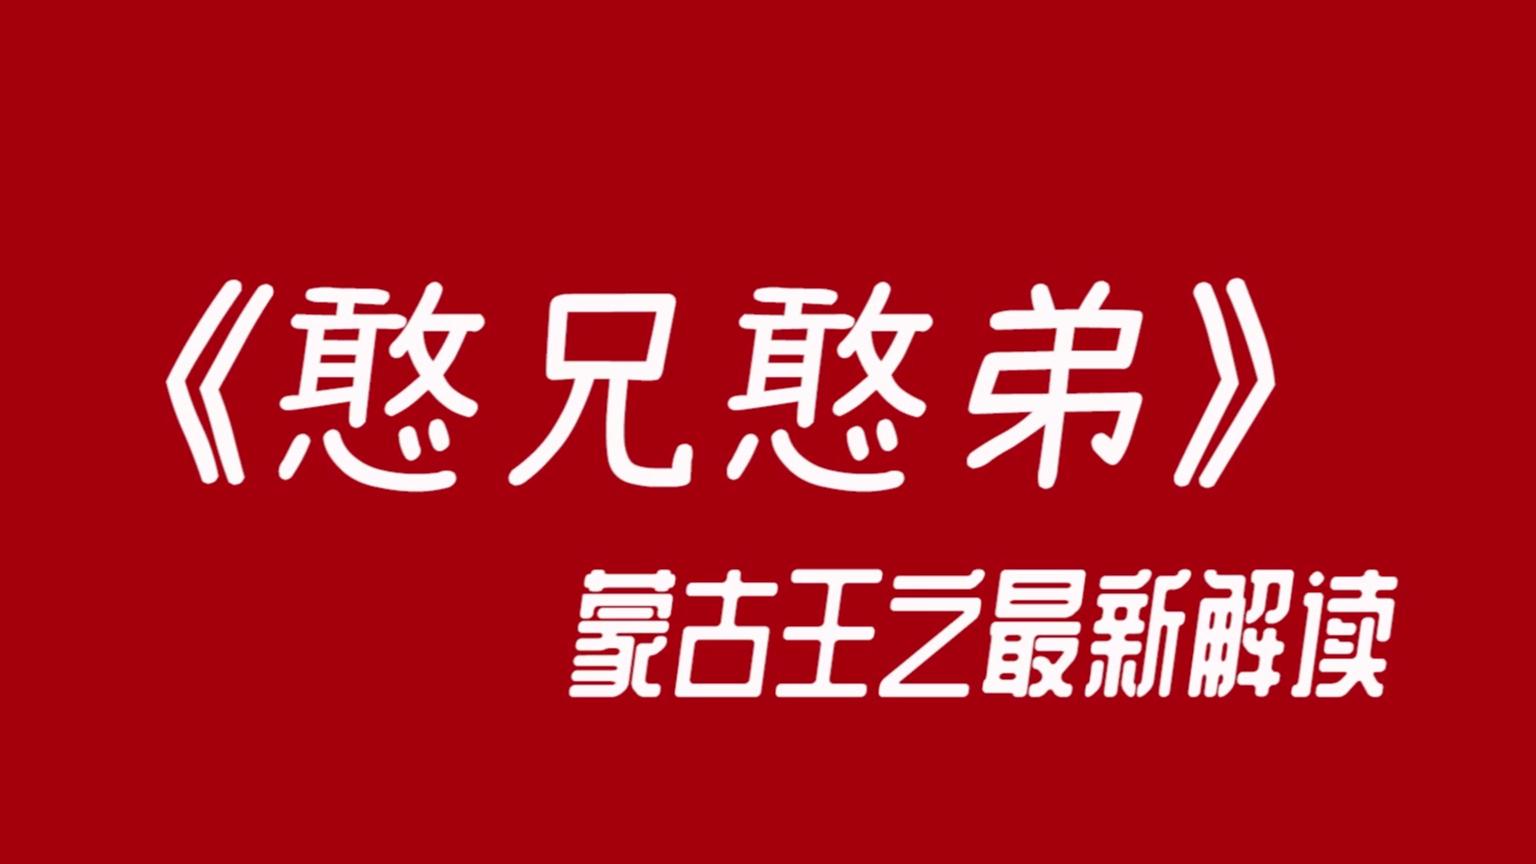 多国合拍史诗巨作奥斯卡最佳外语片提名《蒙古王》最新解读【憨兄憨弟出品】